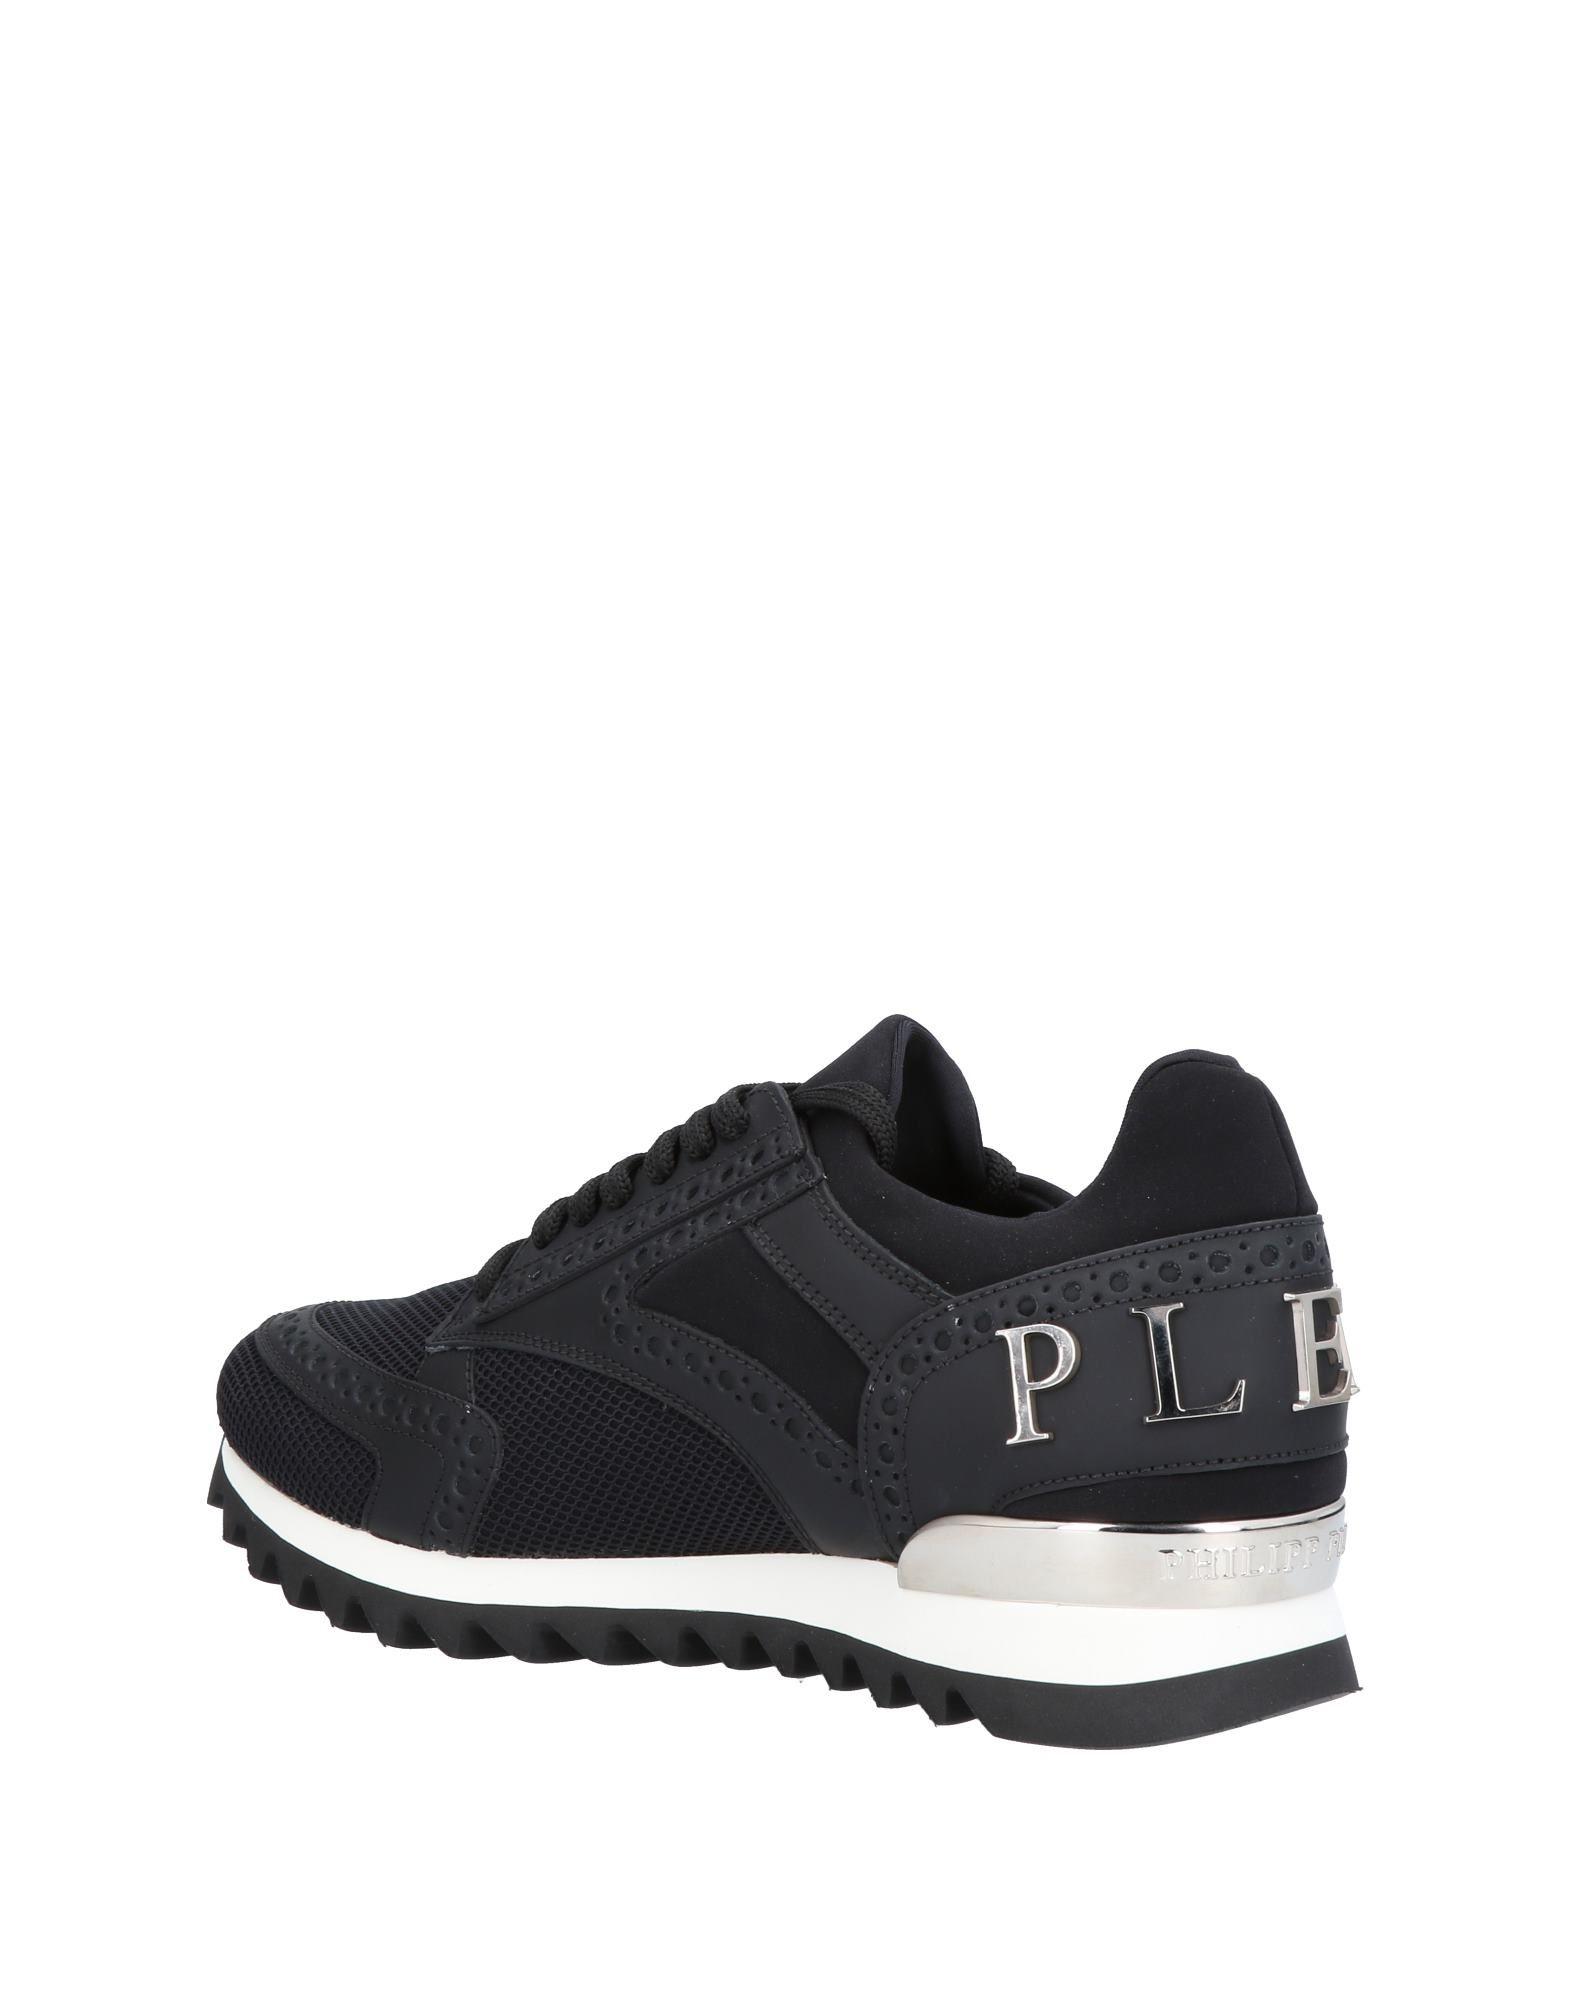 Philipp Plein Gute Sneakers Herren  11459800UA Gute Plein Qualität beliebte Schuhe d0aee6